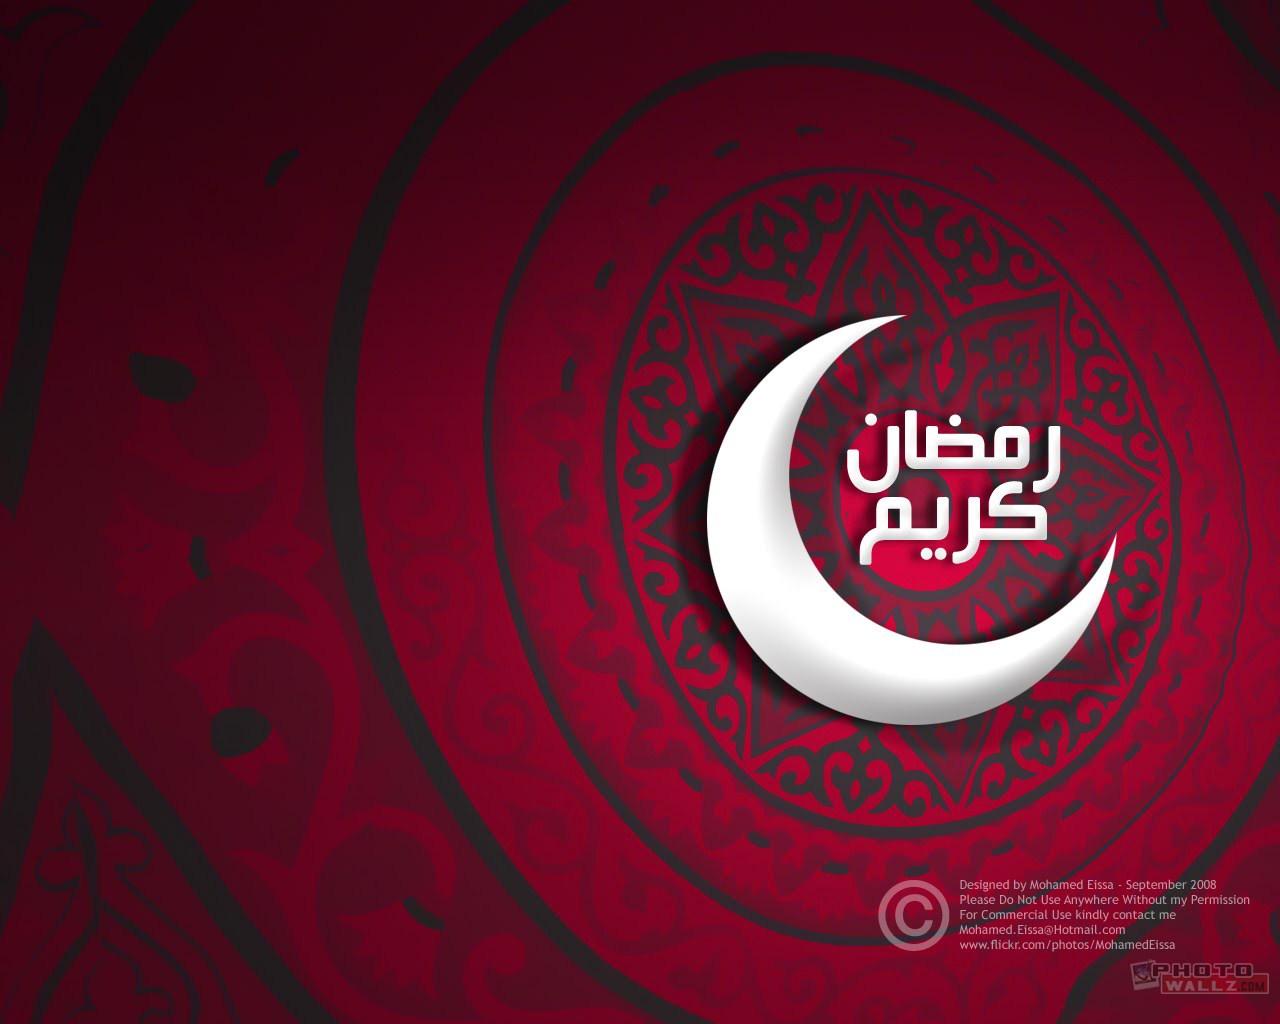 -kiI/AAAAAAAAAbM/0r6UelrHXJI/s1600/ramadan-kareem-wallpapers-2011.jpg